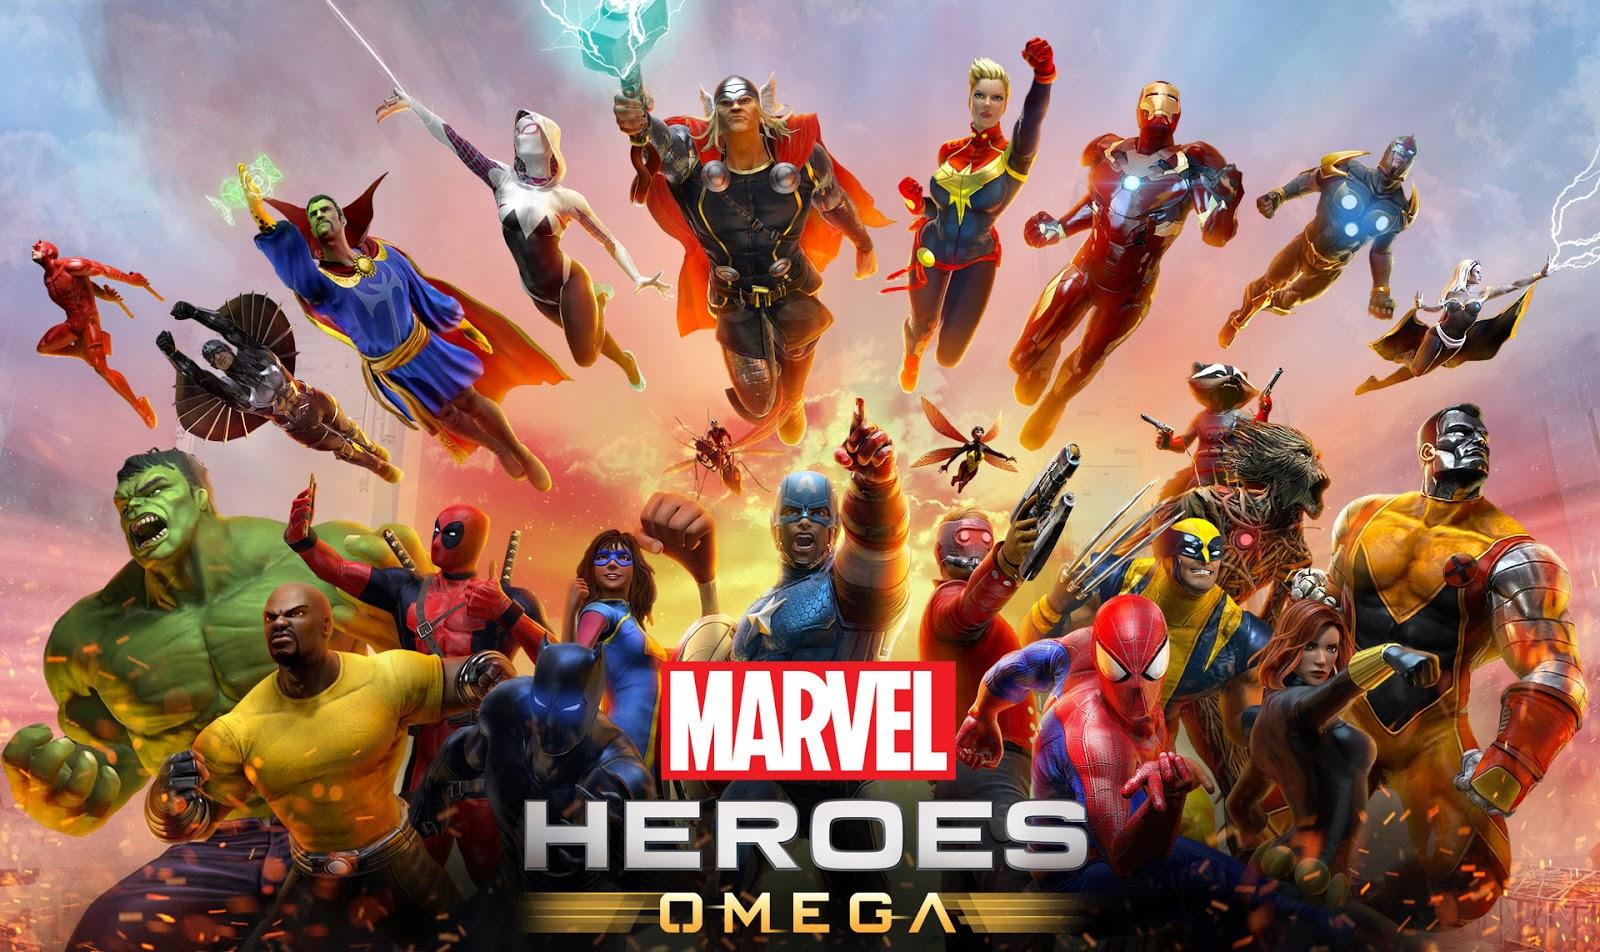 Se habla de una película de superheroínas de Marvel